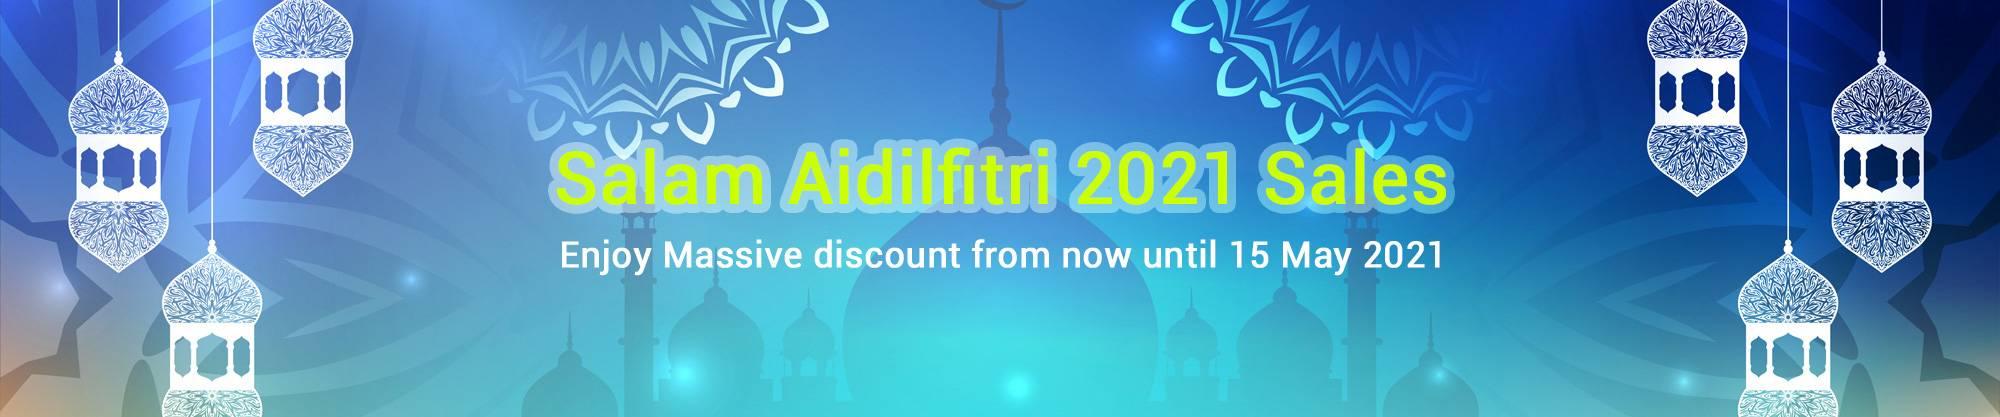 Salam Aidilfitri 2021 Sales